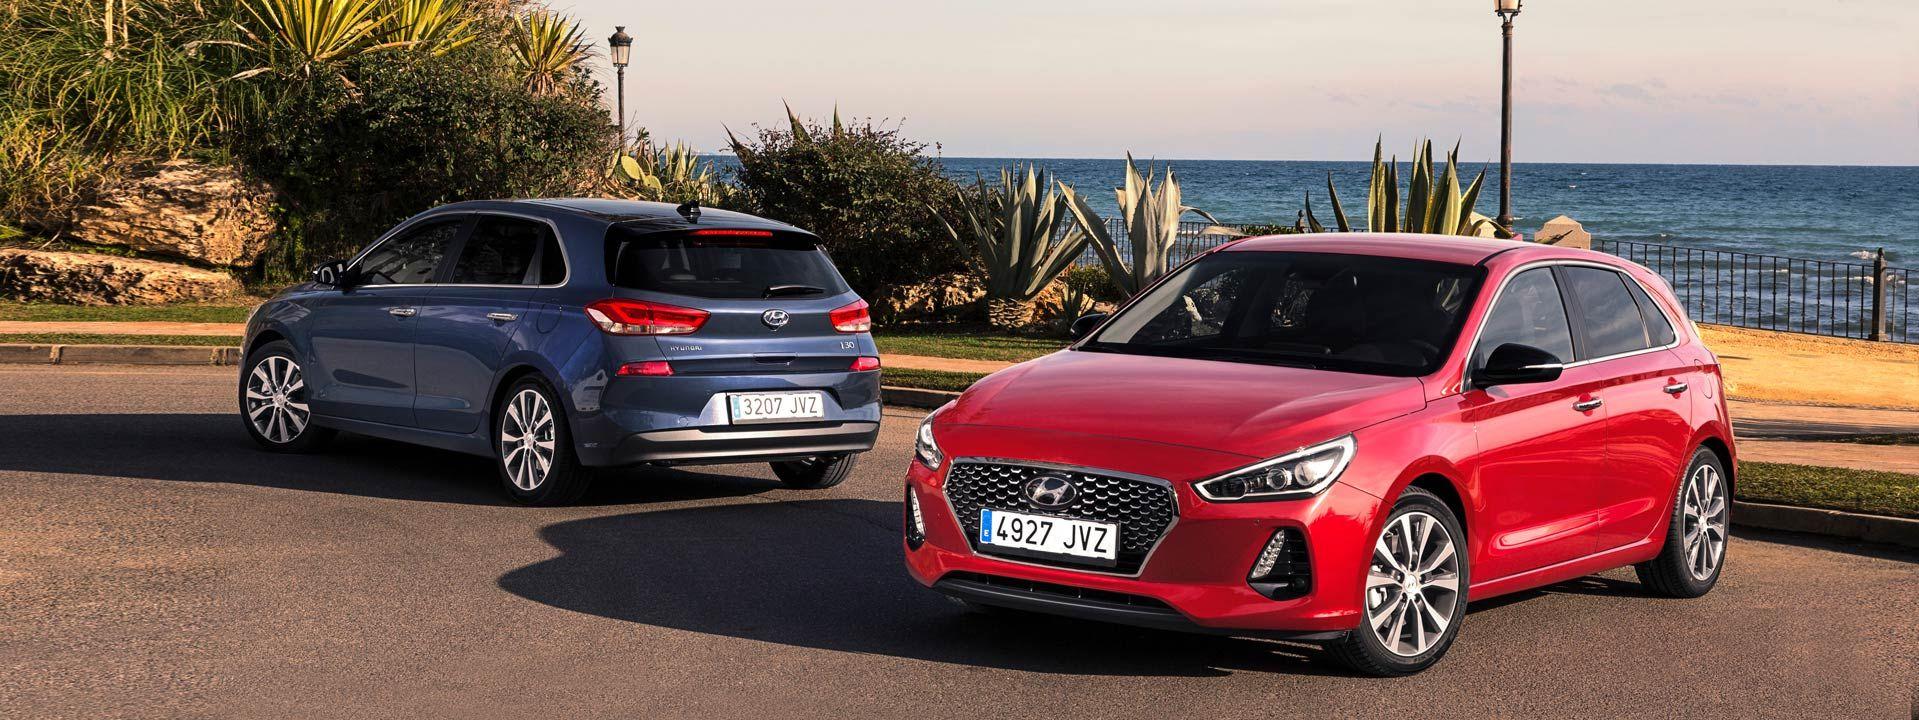 Nueva Generación Hyundai i30: Un coche para todos